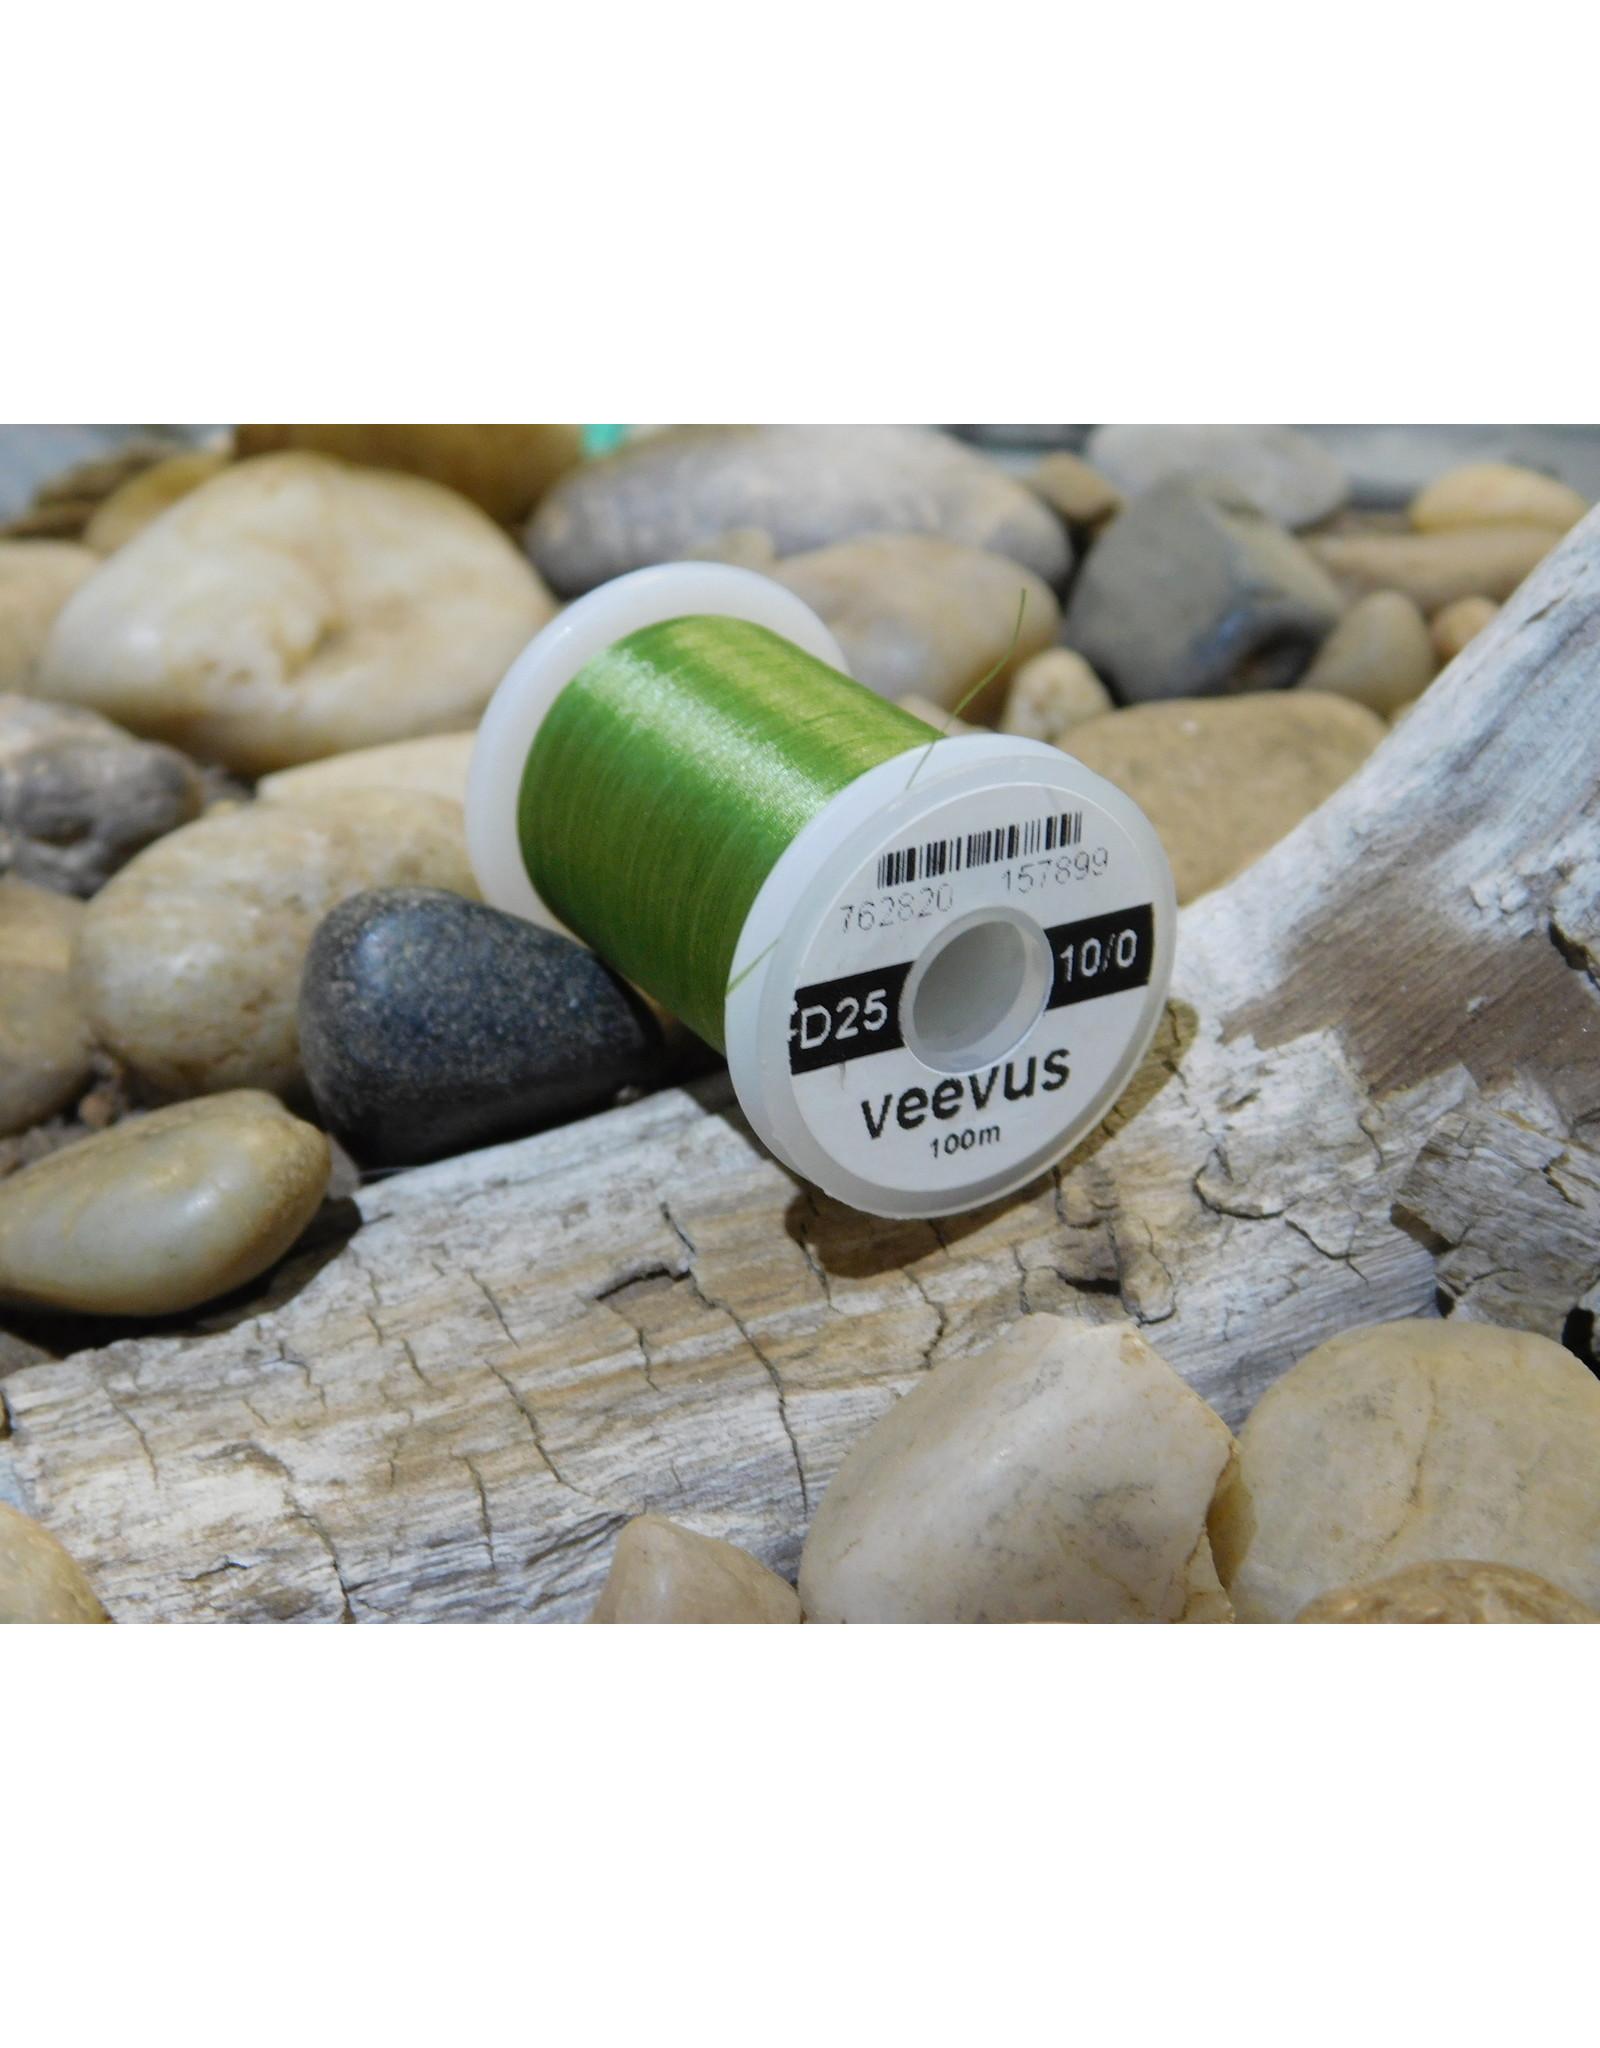 Veevus 10/0 Olive Veevus Thread